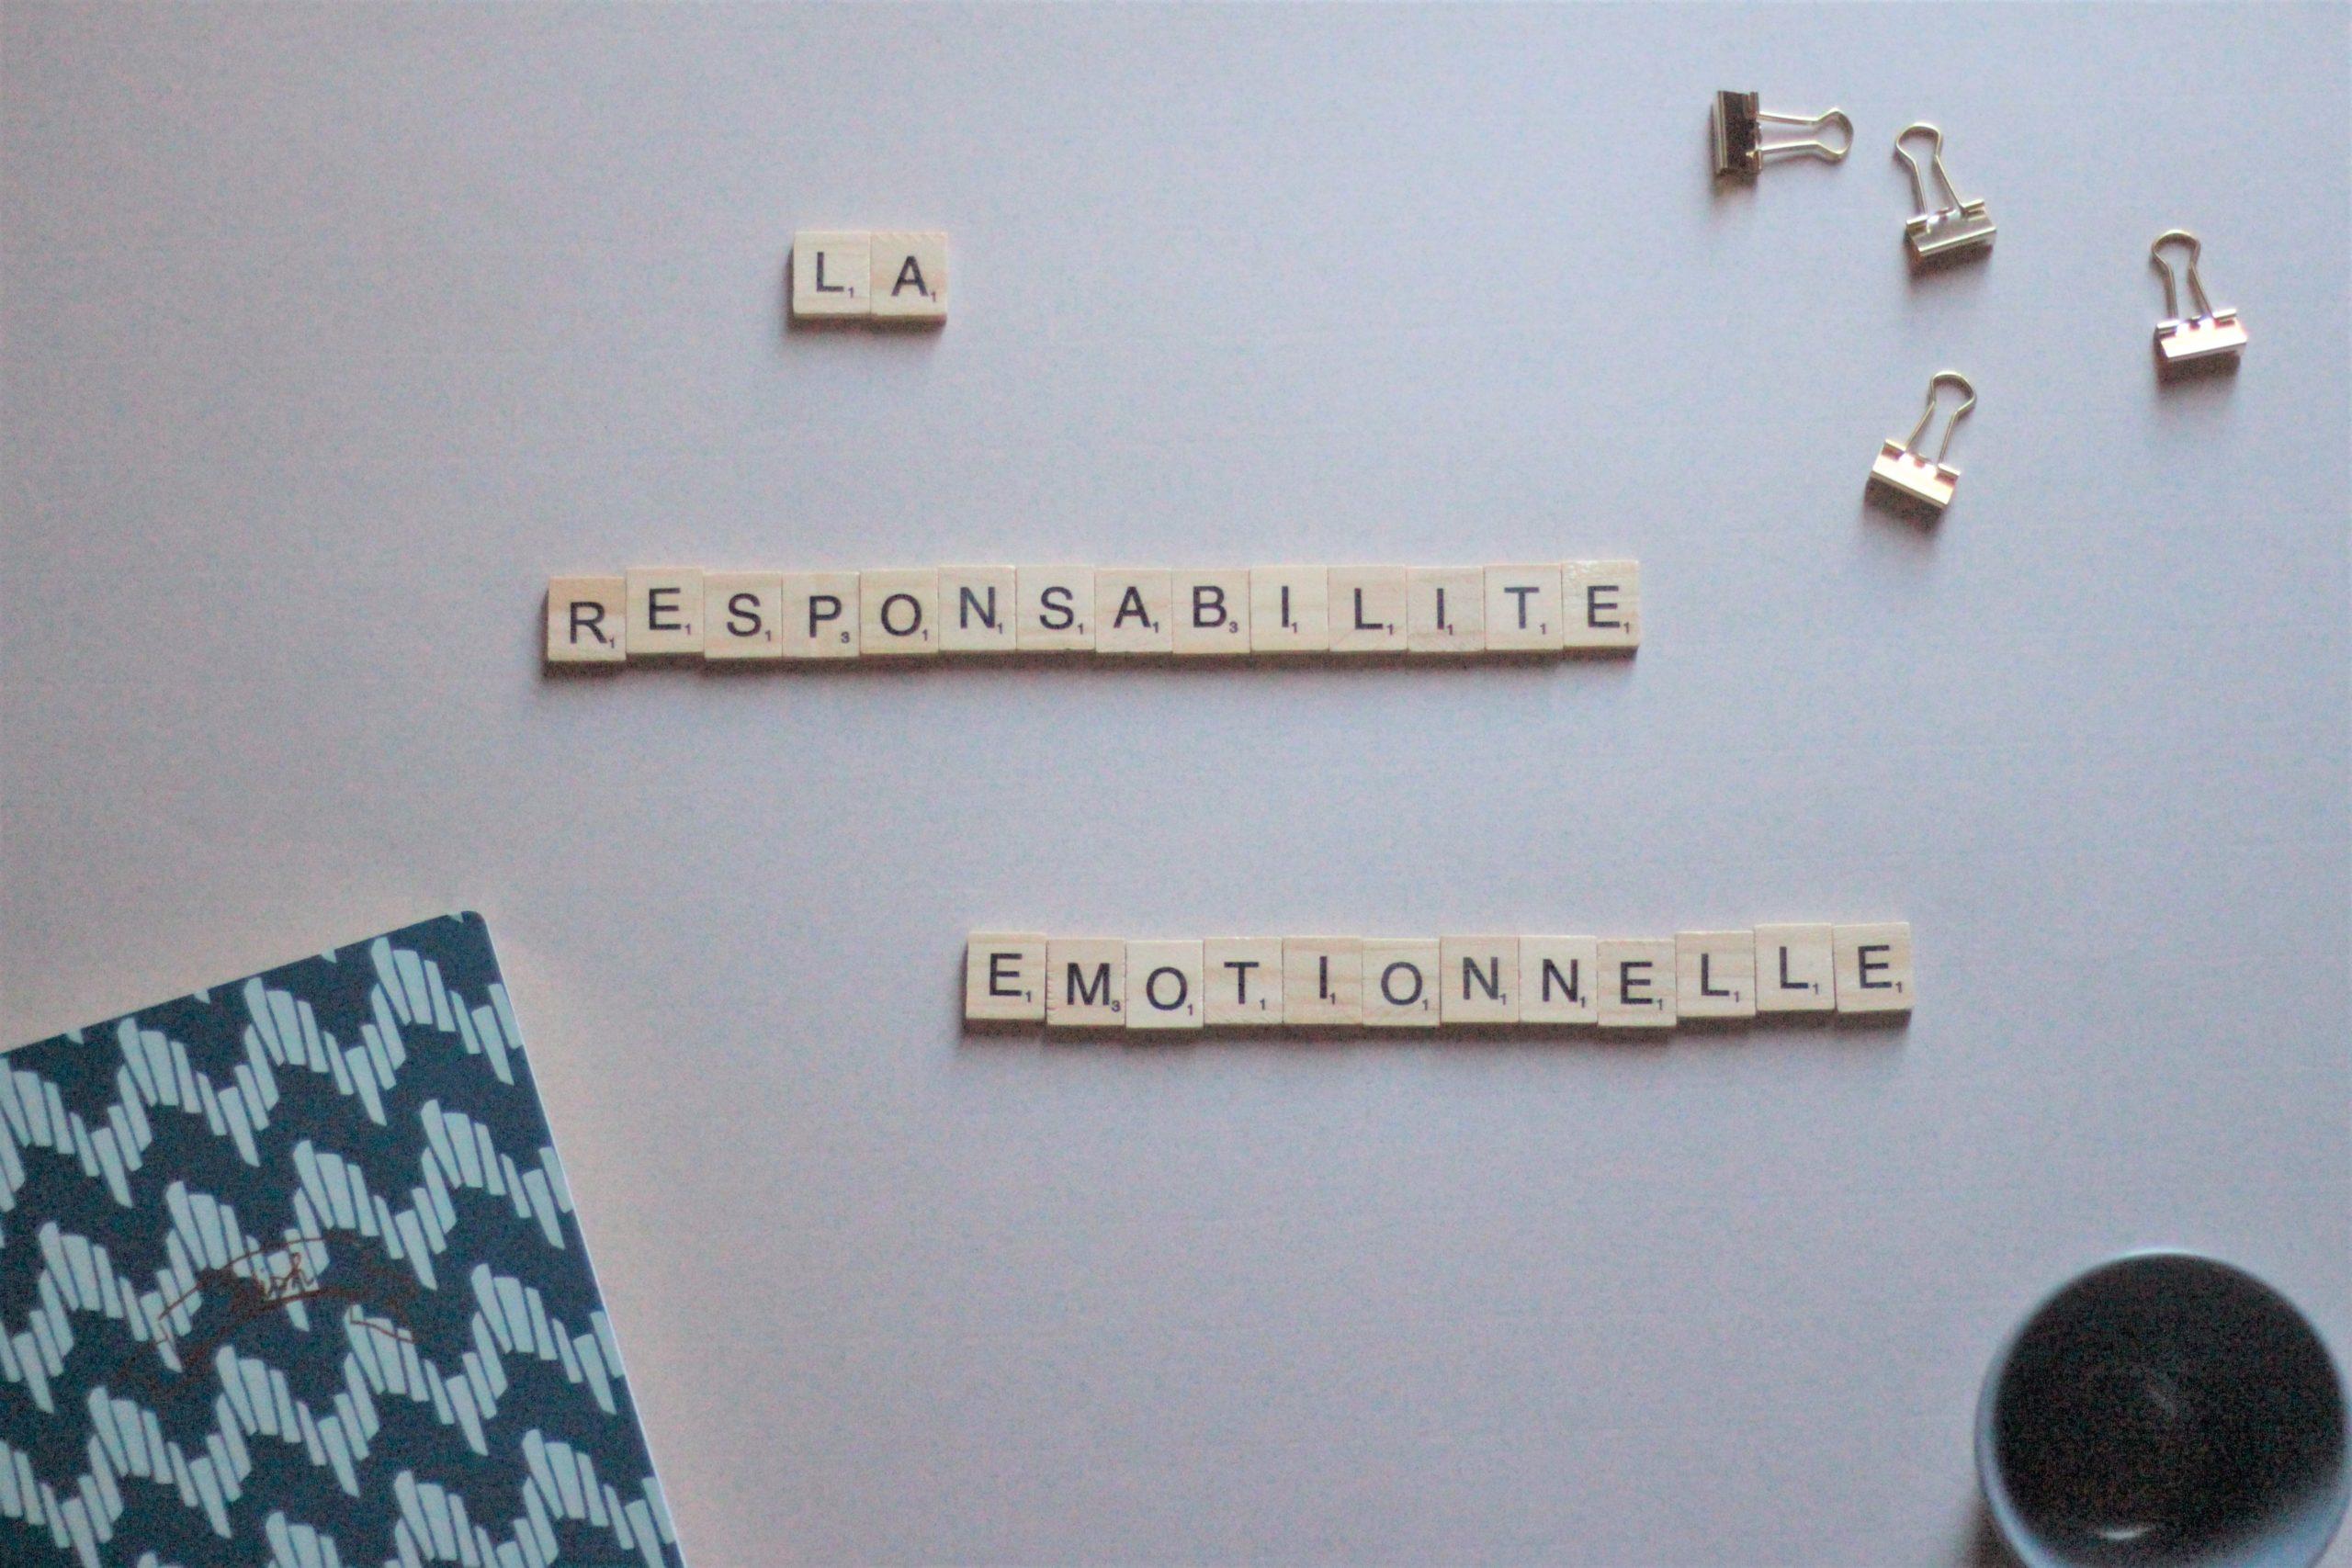 La responsabilité émotionnelle. Episode 1 du Podcast Ecoute-toi sur le développement personnel. Psypnose.fr